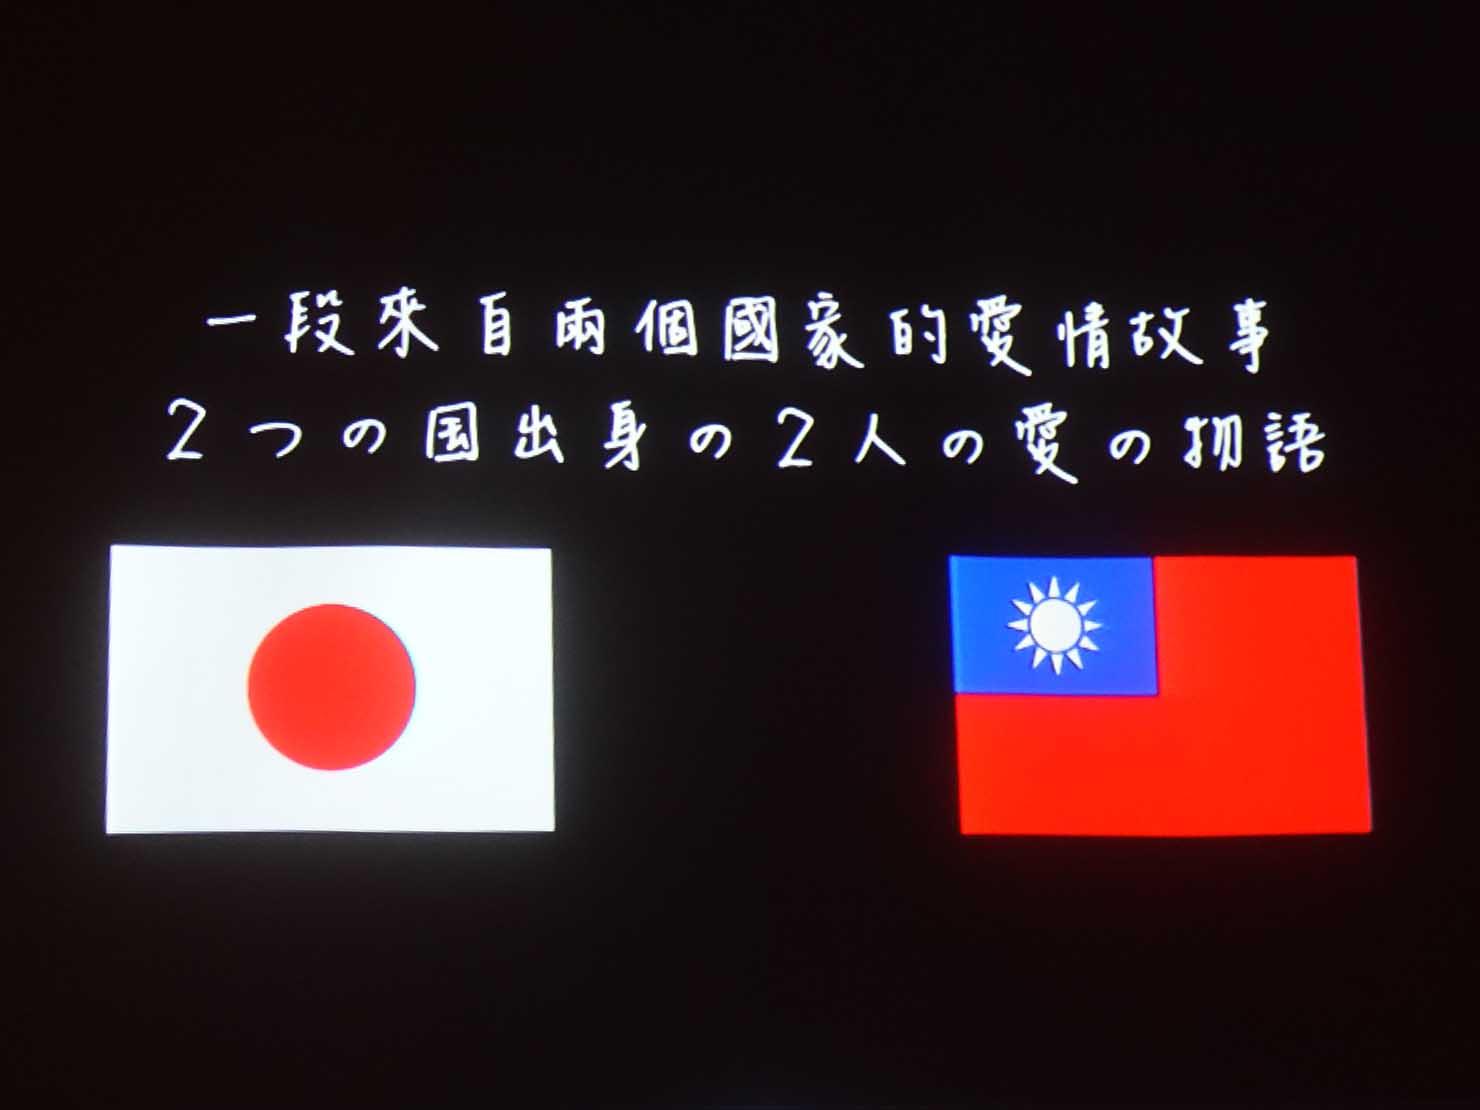 台日同性カップルの友人の結婚式会場で披露されたメッセージビデオ(日本と台湾の国旗)